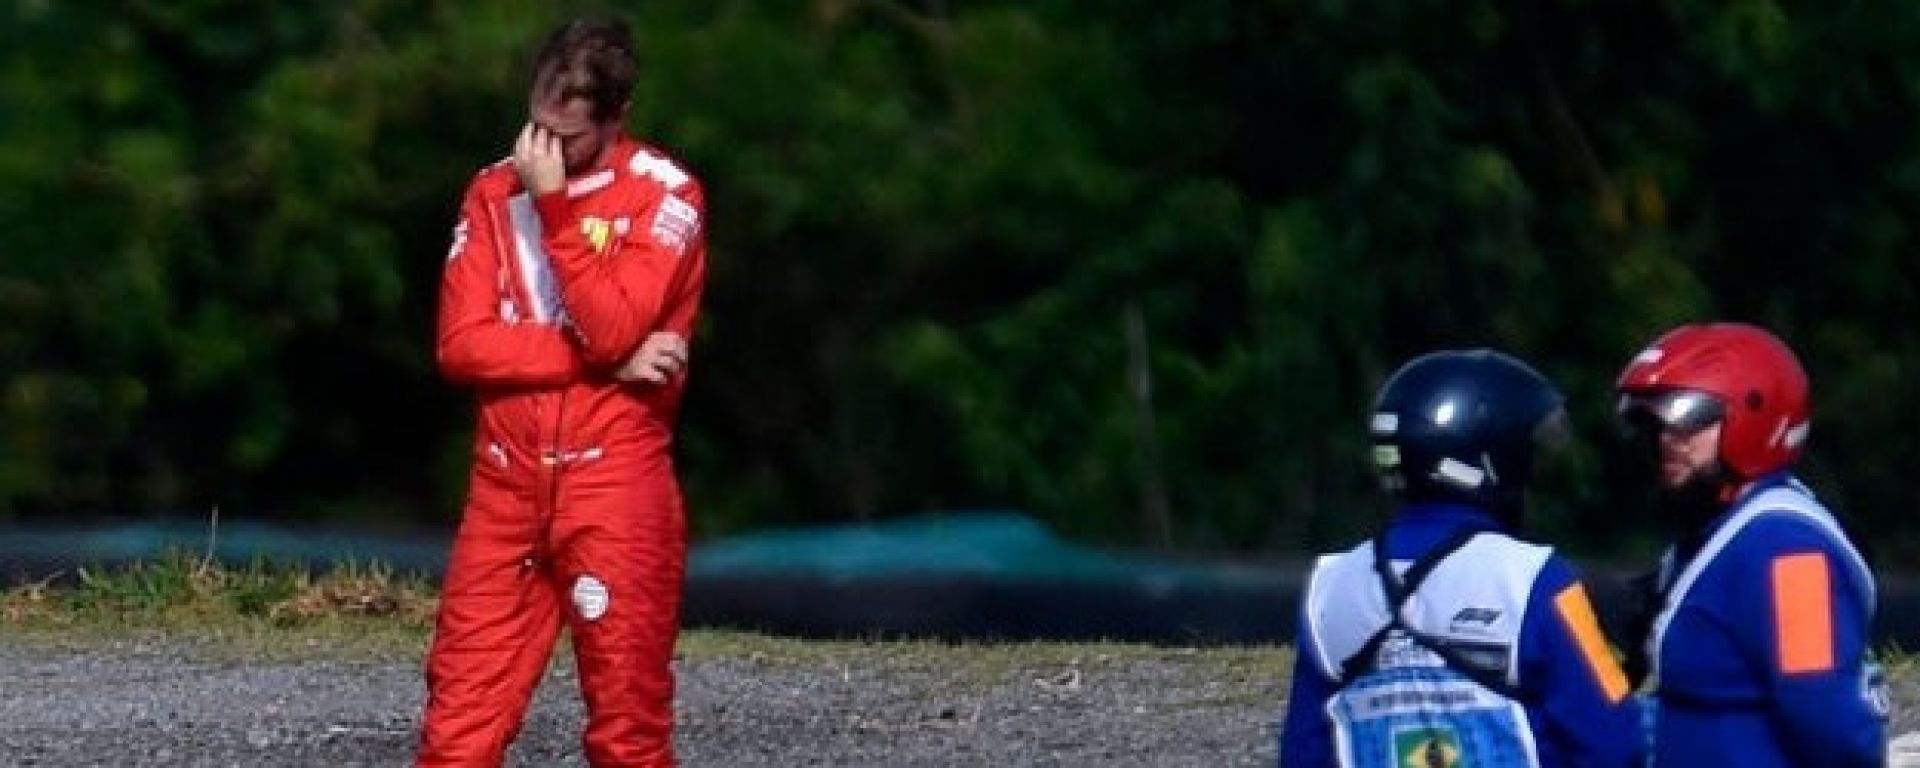 F1, GP Brasile 2019: un disperato papa Sebastiano